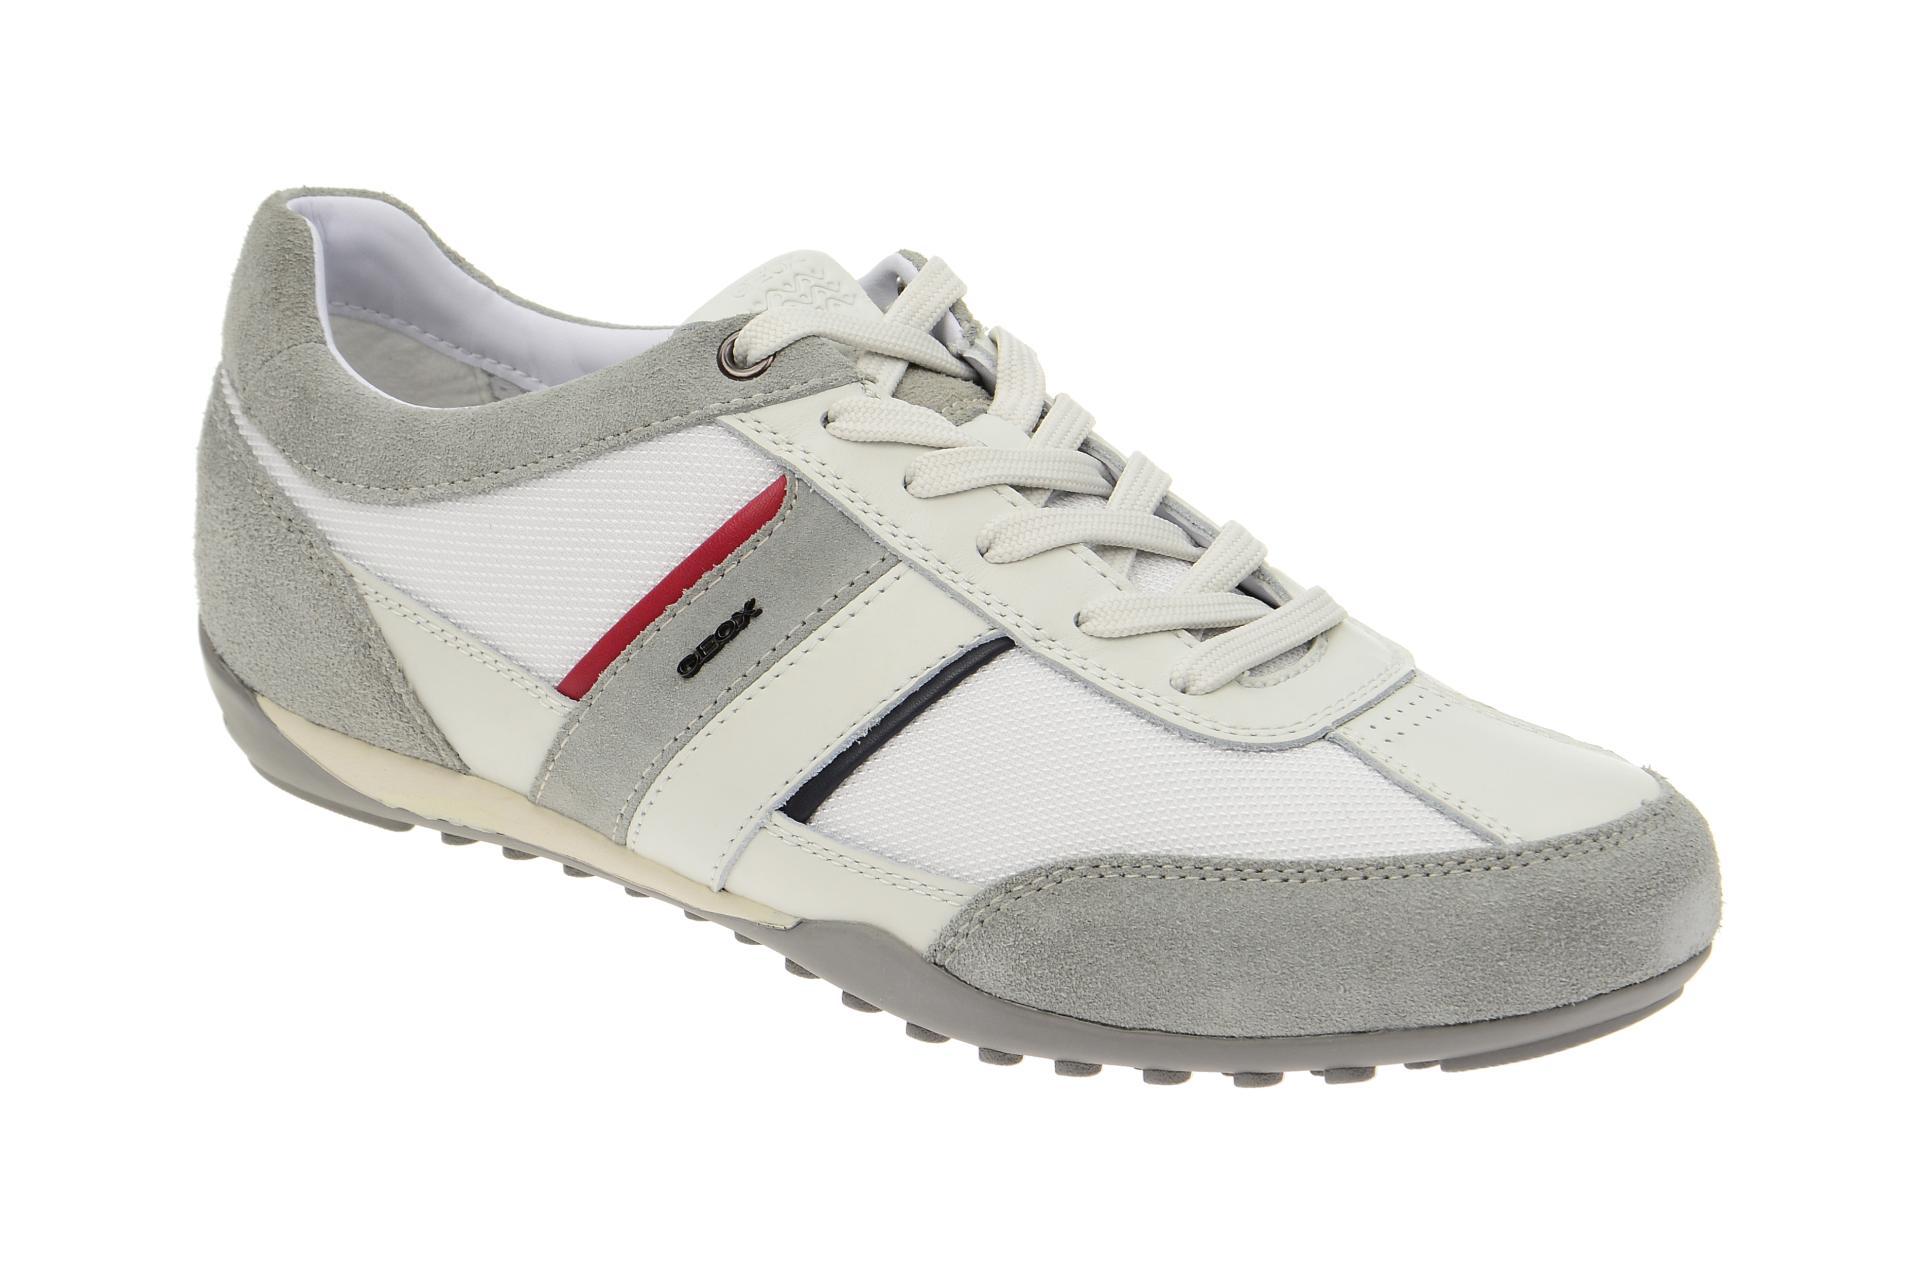 Zu C0130 Sportliche Details U52t5c Herrenschuhe Halbschuhe 02211 Geox Wells Weiß Schuhe yIYvbf6g7